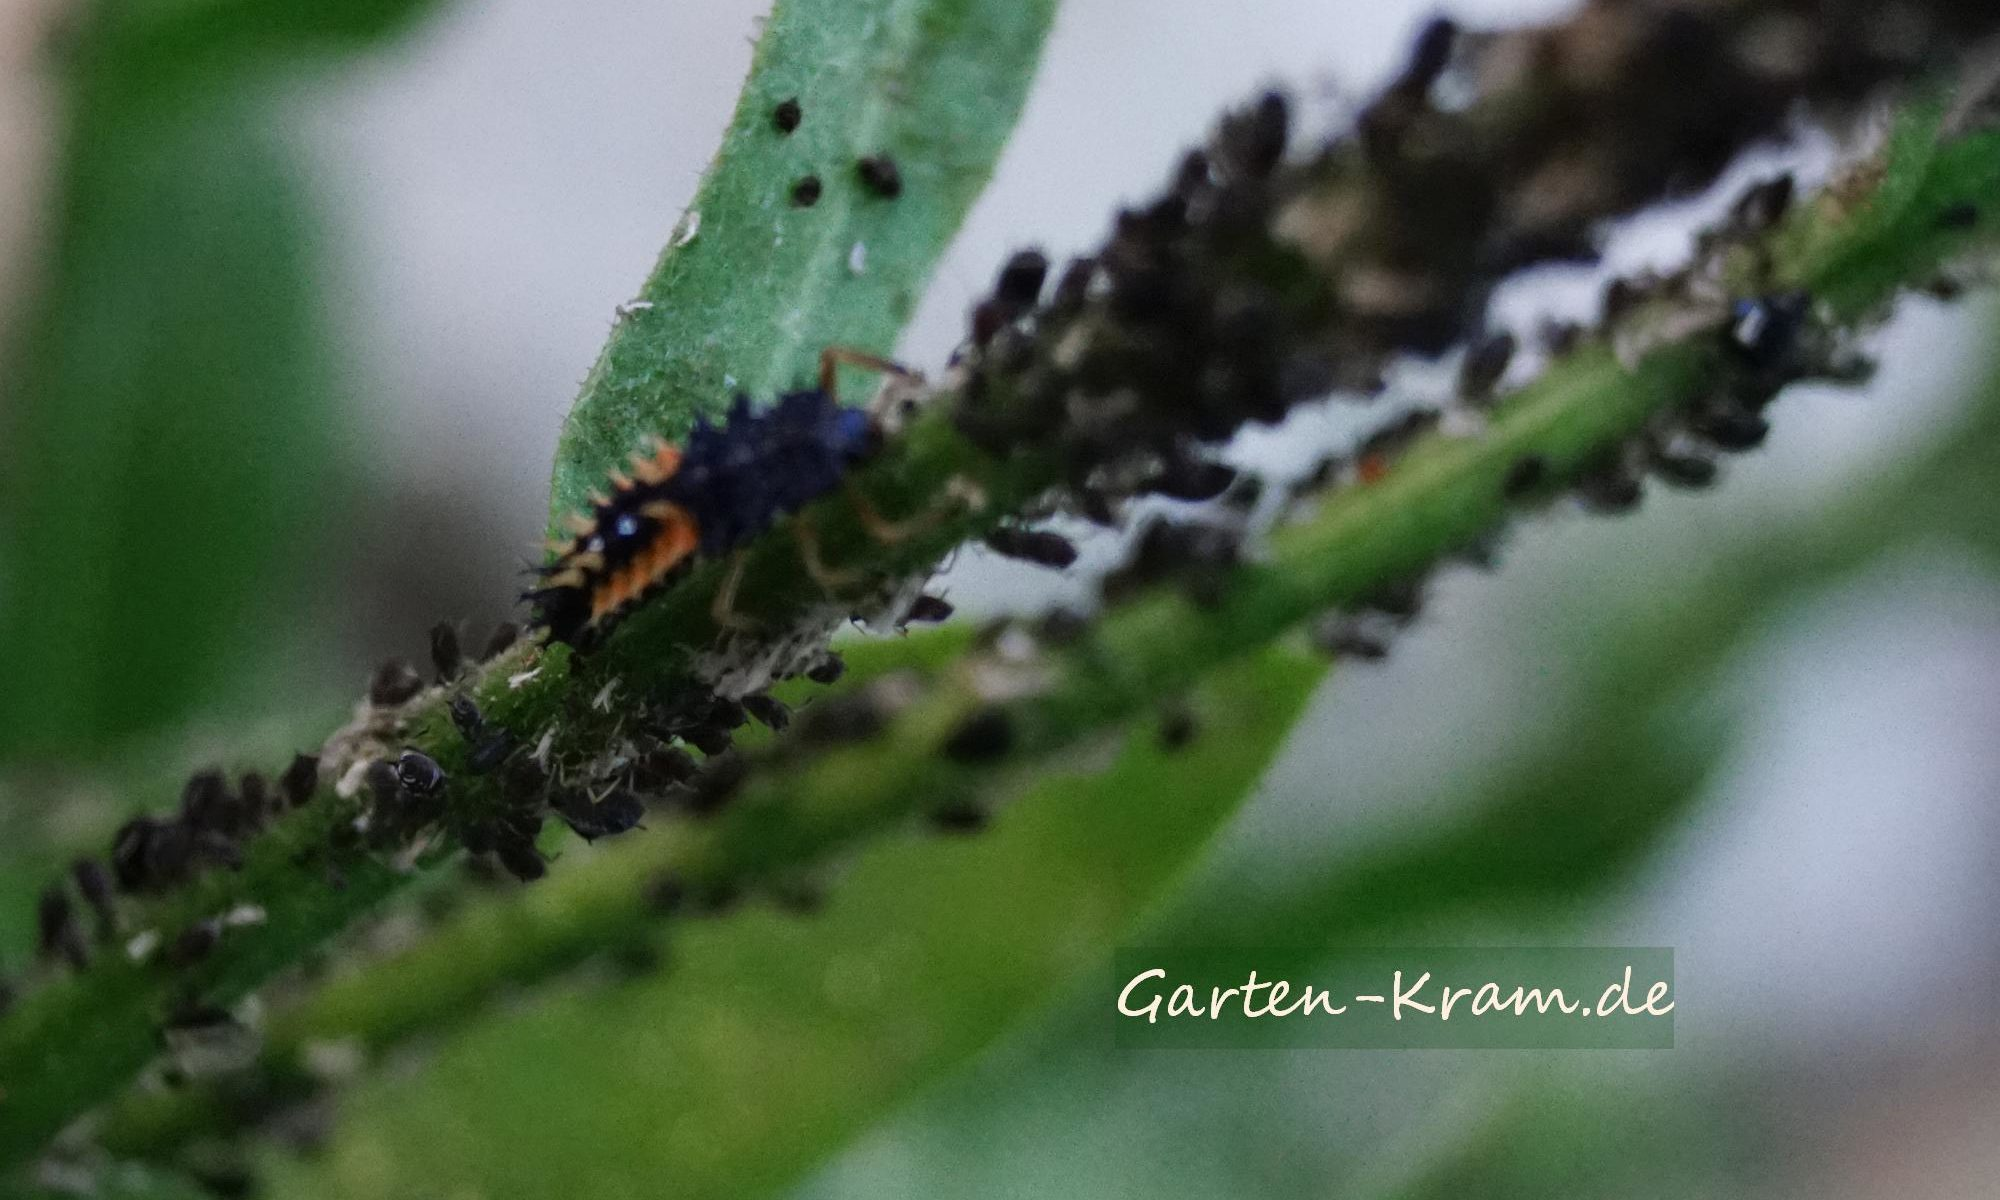 Marienkäferlarve frisst Blattläuse